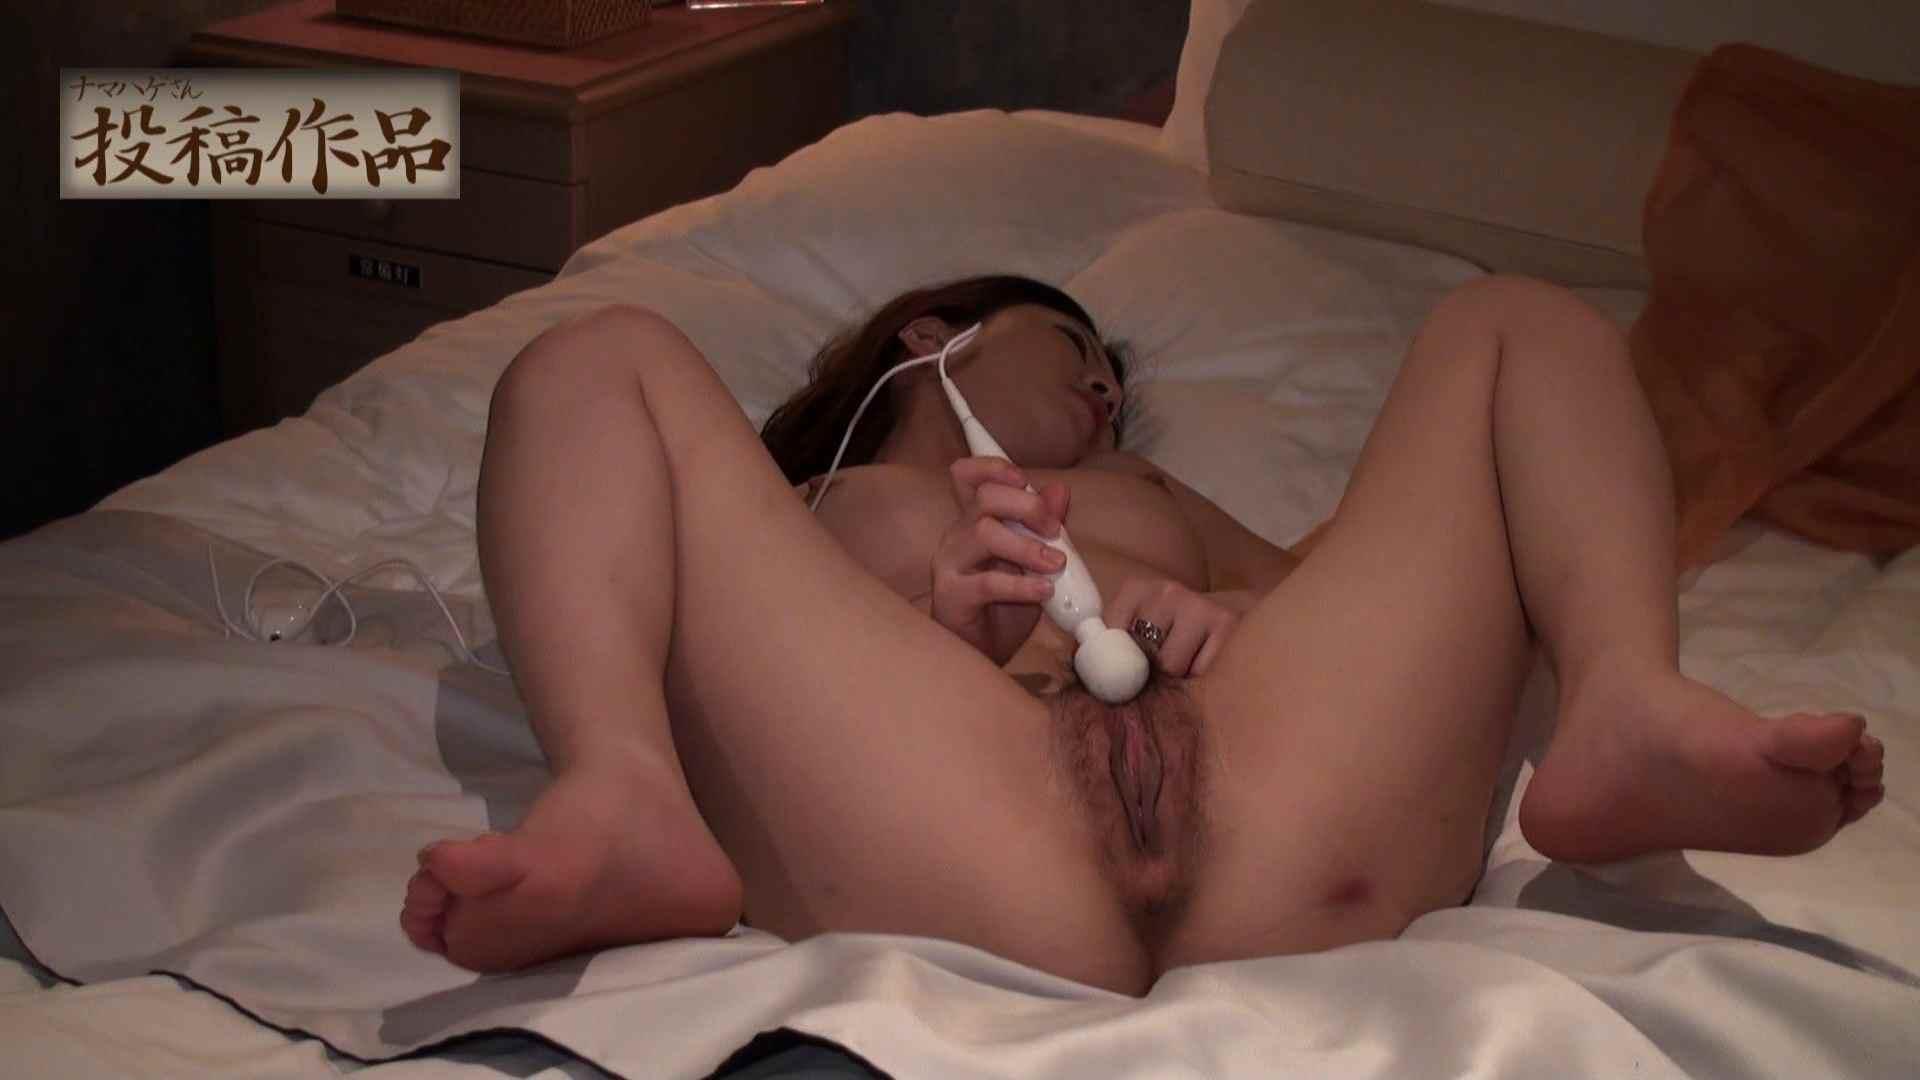 ナマハゲさんのまんこコレクション第3弾 ichiko オナニー覗き見 盗撮画像 64pic 11